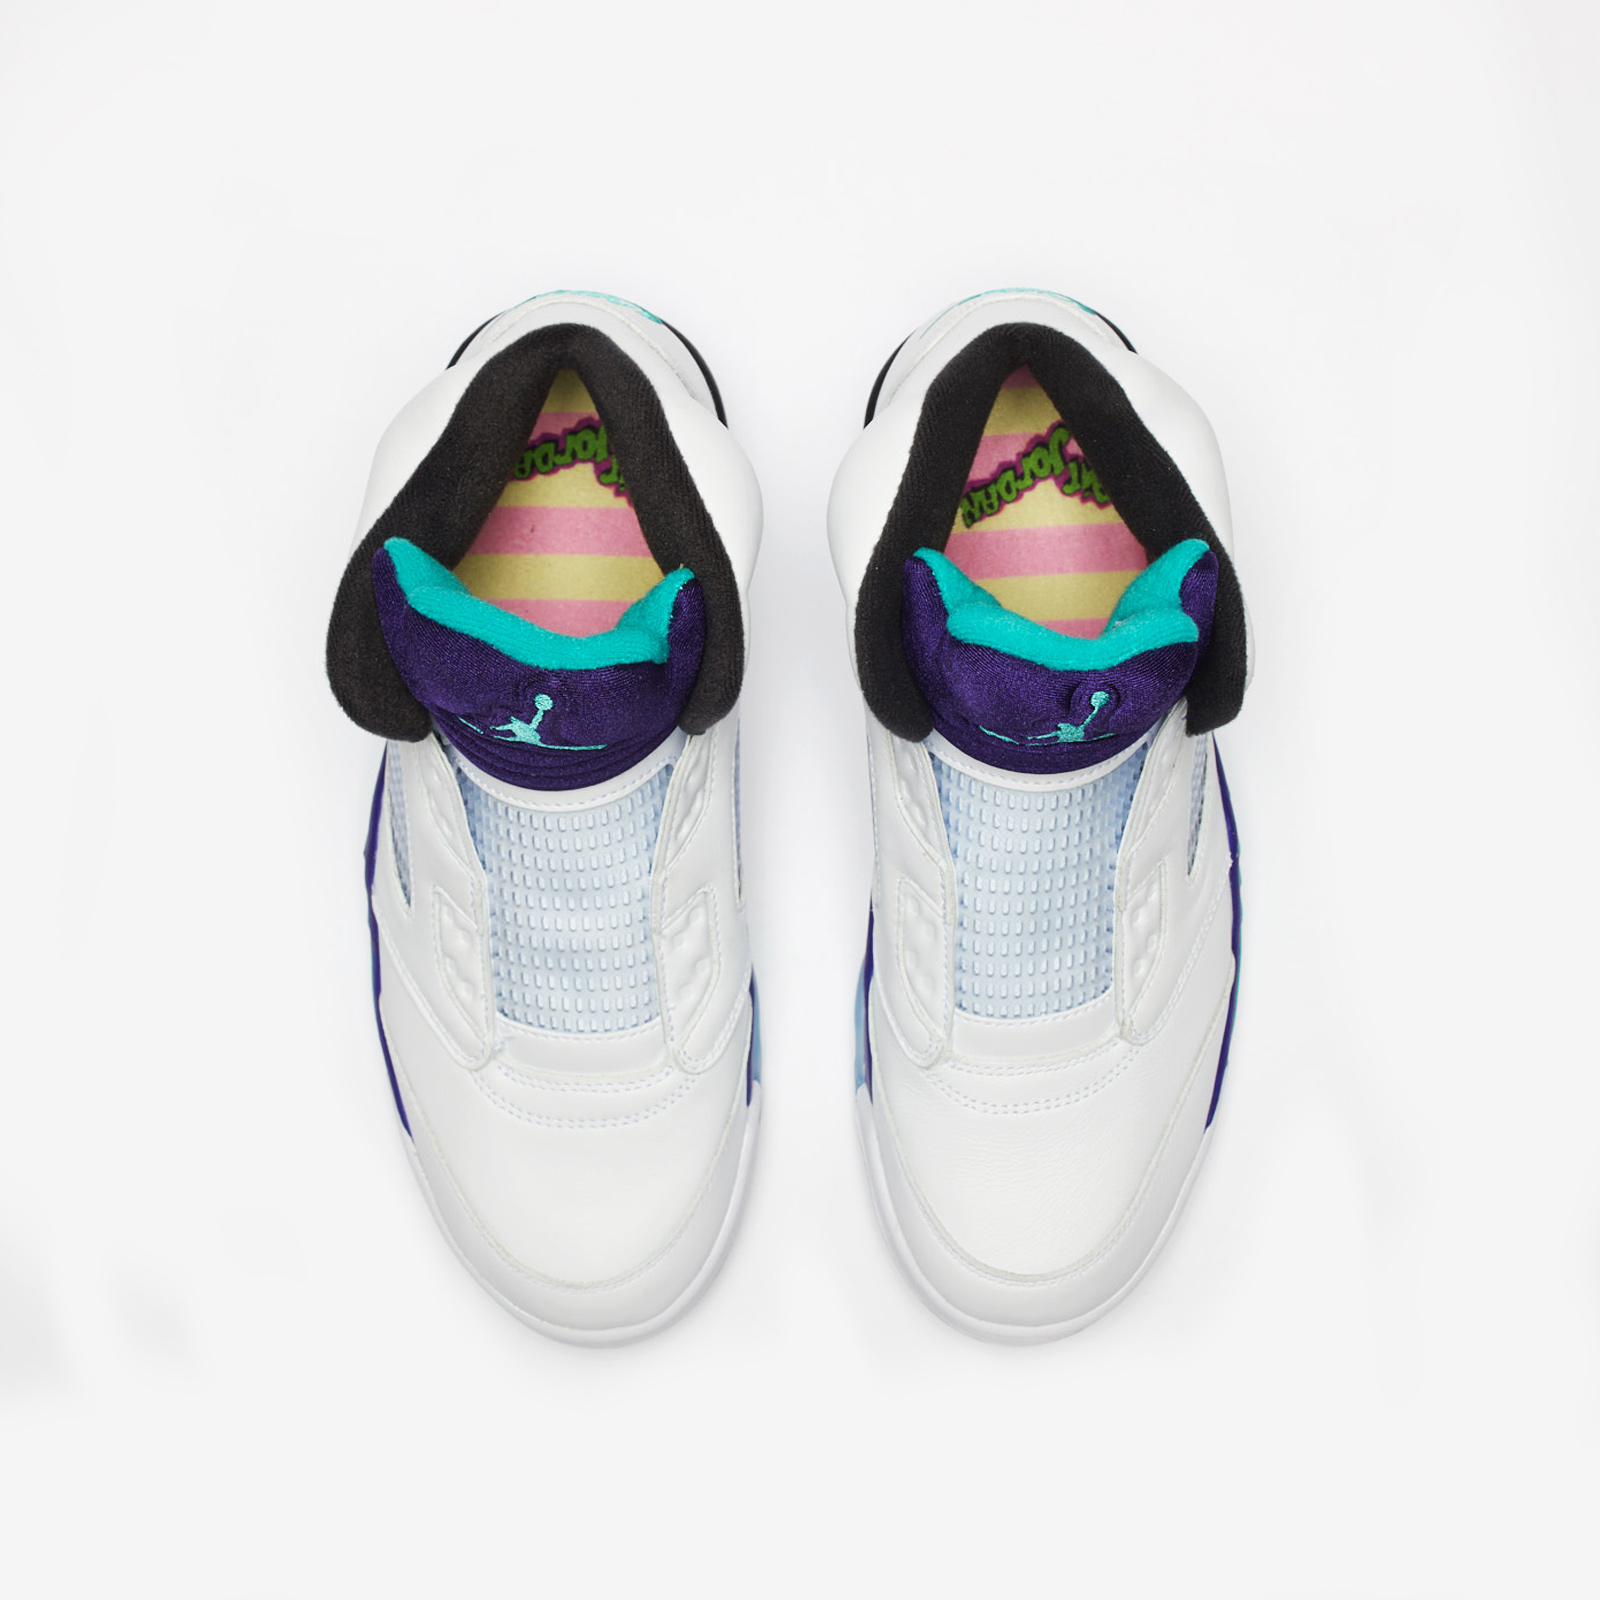 Jordan Brand Air Jordan 5 Retro NRG - Av3919-135 - Sneakersnstuff ... 7ed1d1b71